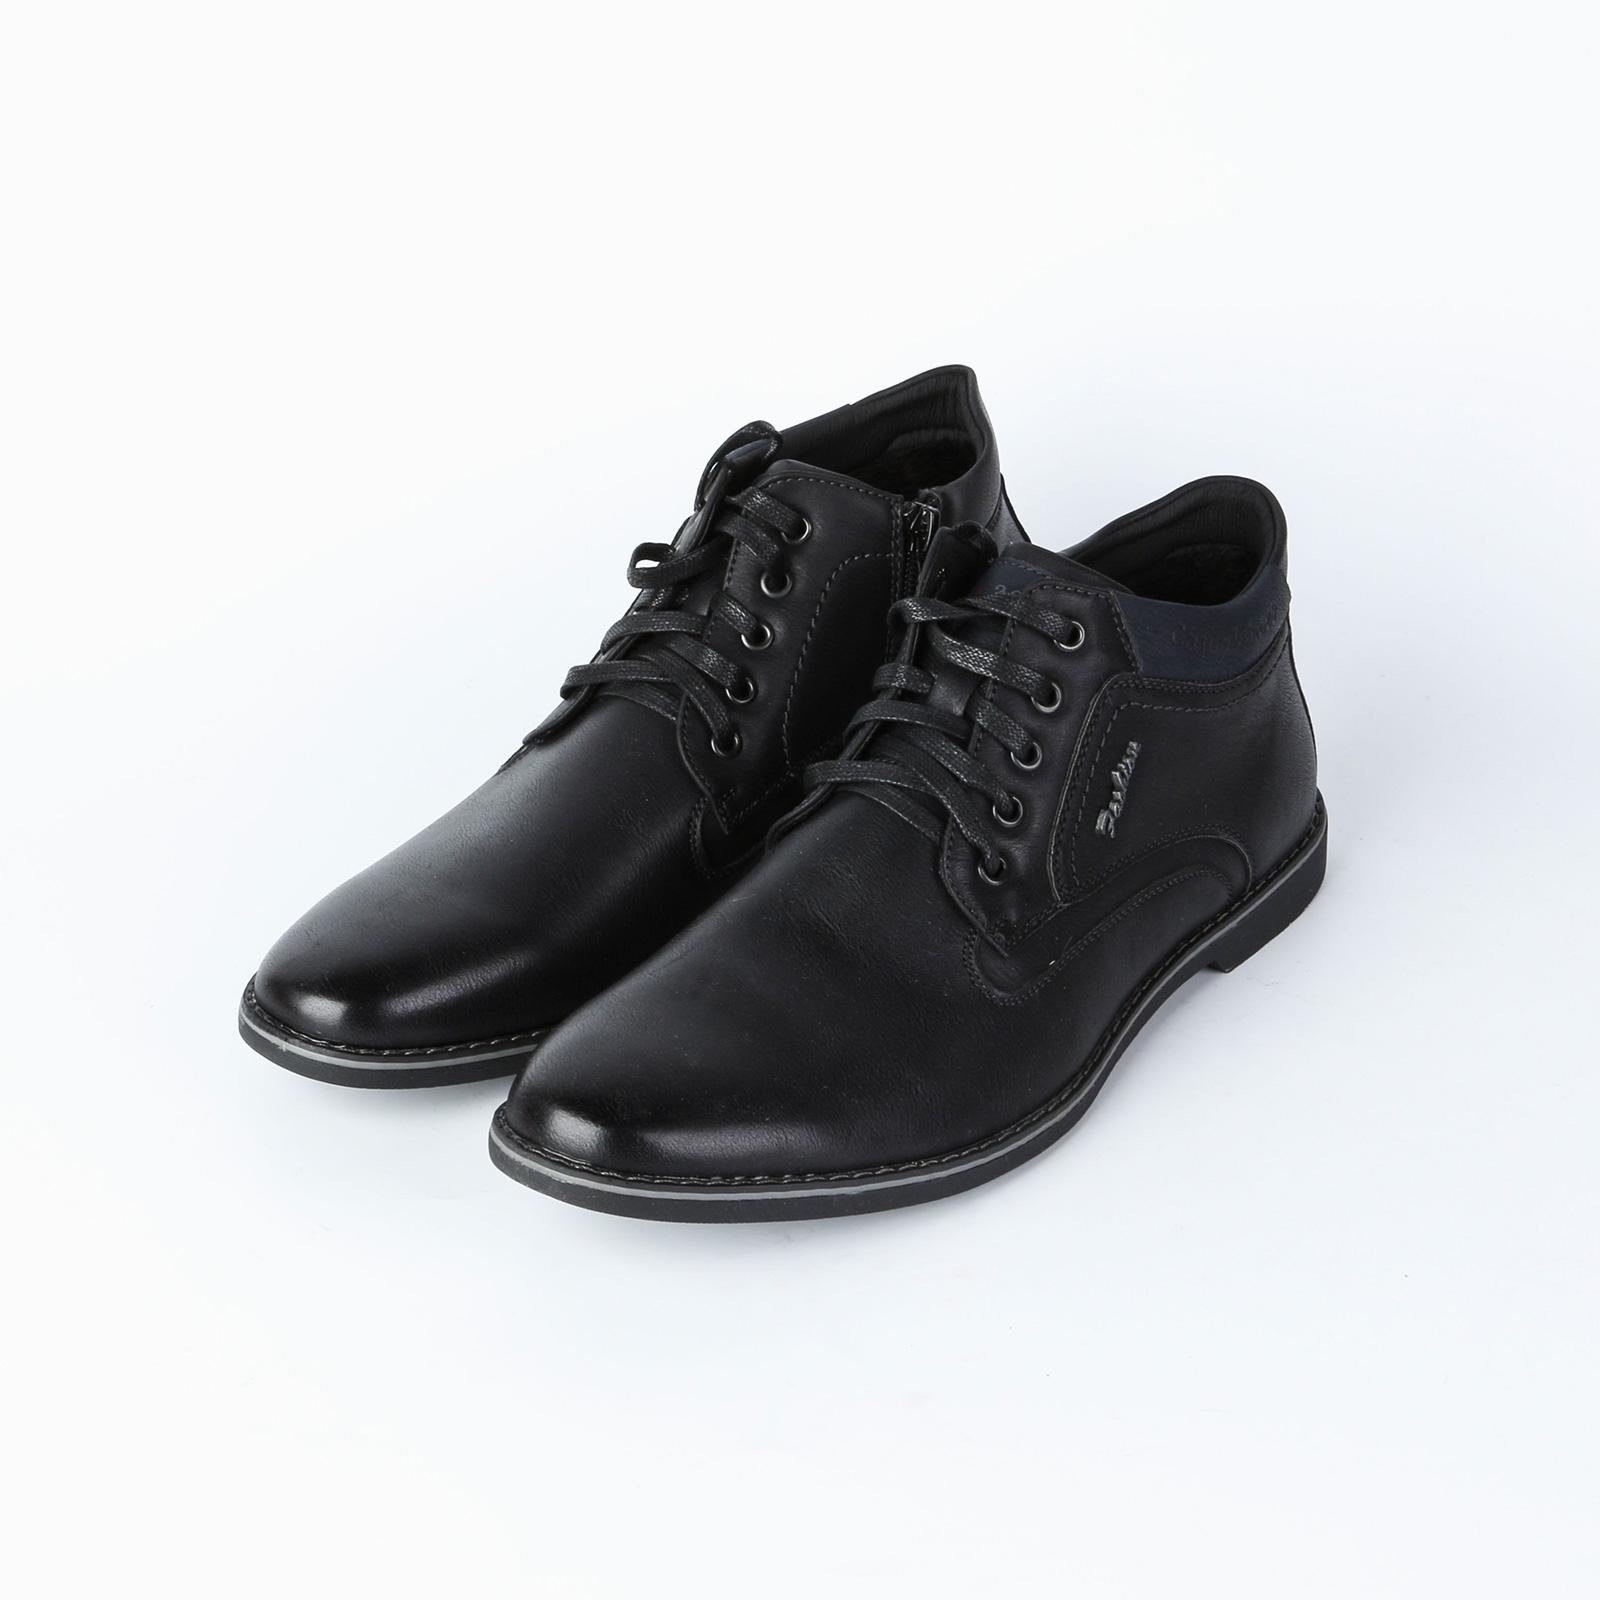 Ботинки мужские на шнуровке